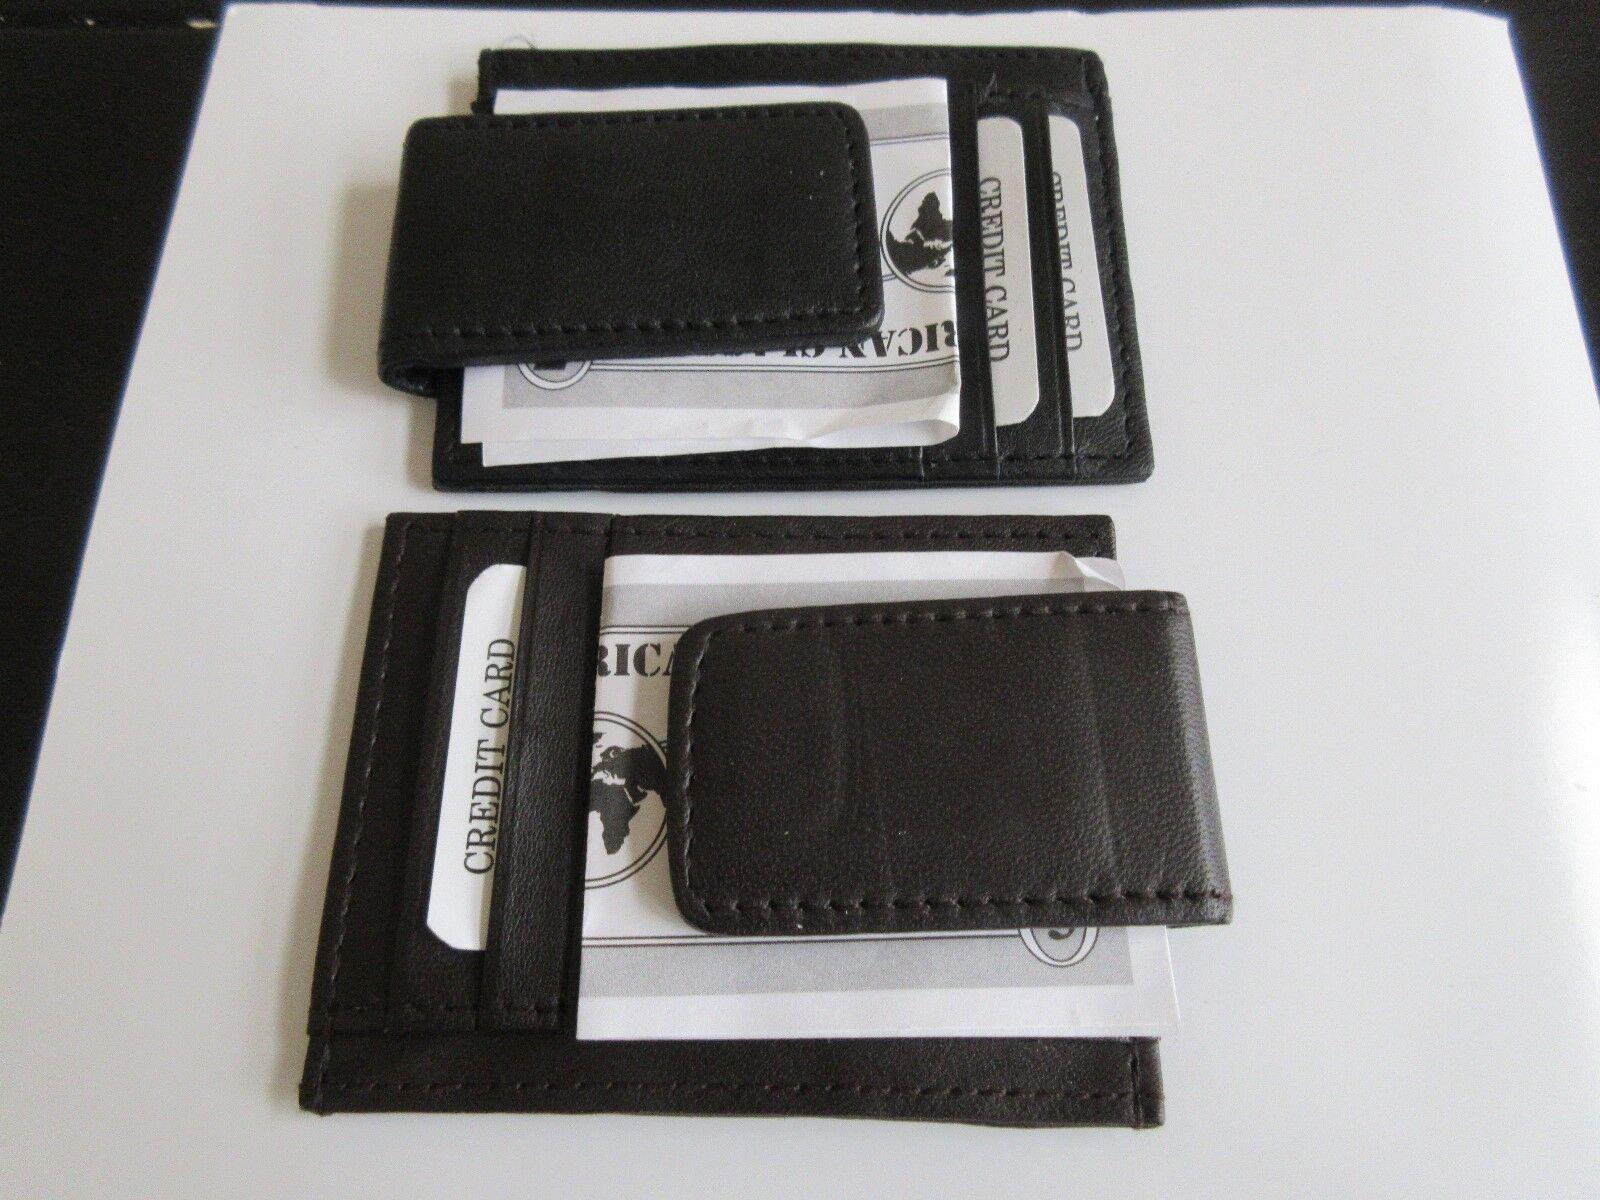 Afonie Genuine Leather Money Clip / Wallet - Black